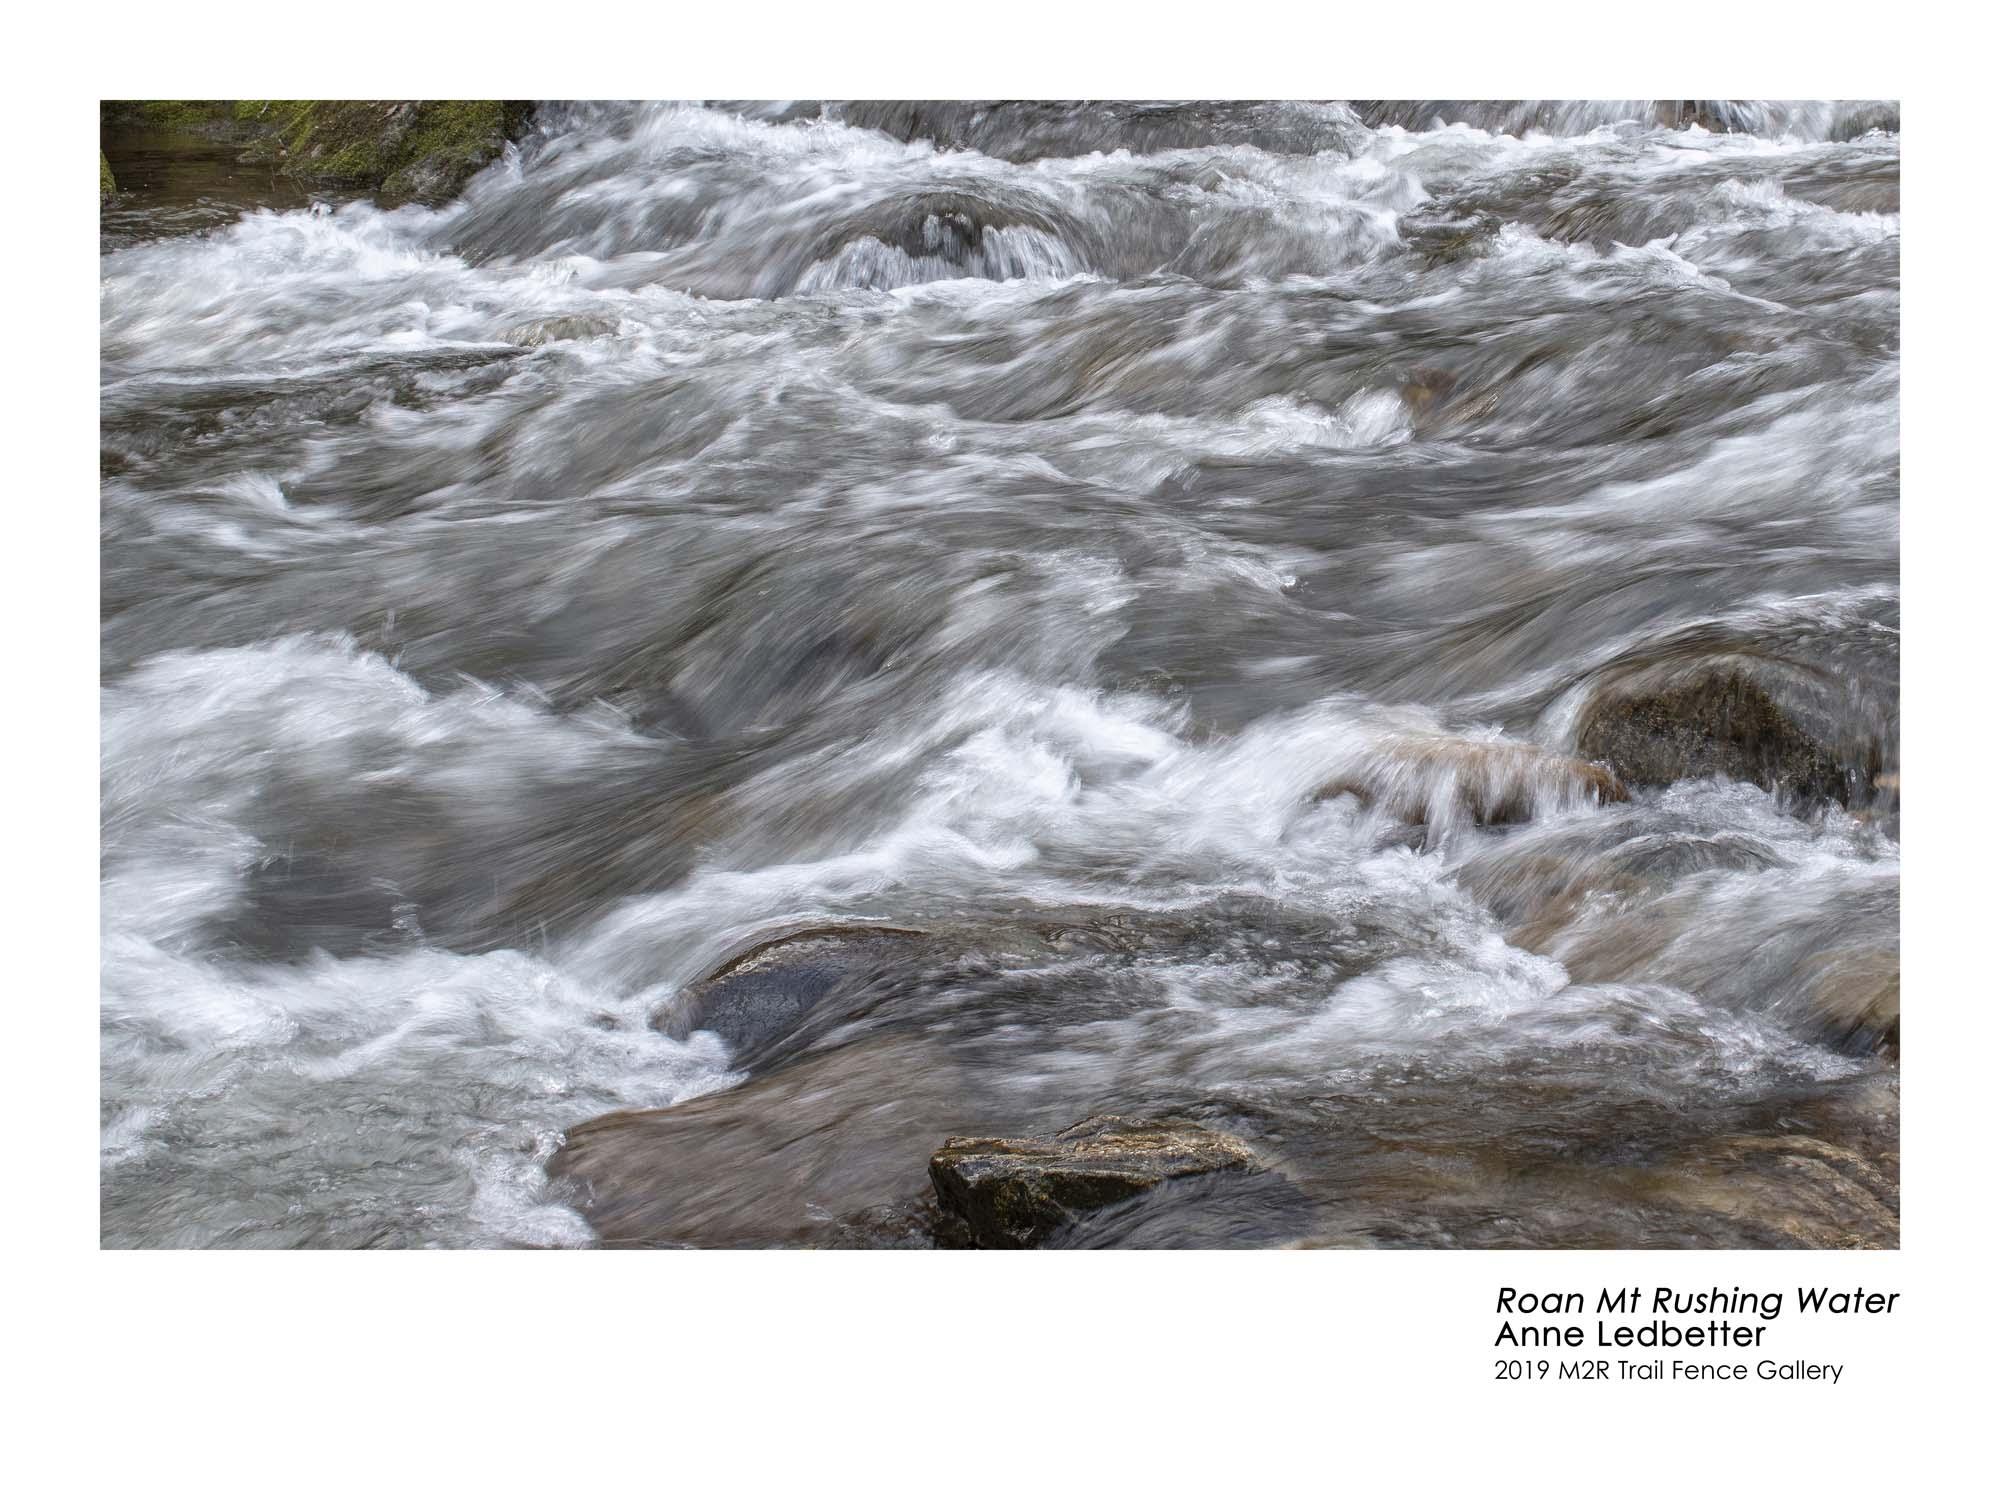 Anne_Ledbetter_RoanMtRushing Water - Anne Ledbetter.jpg